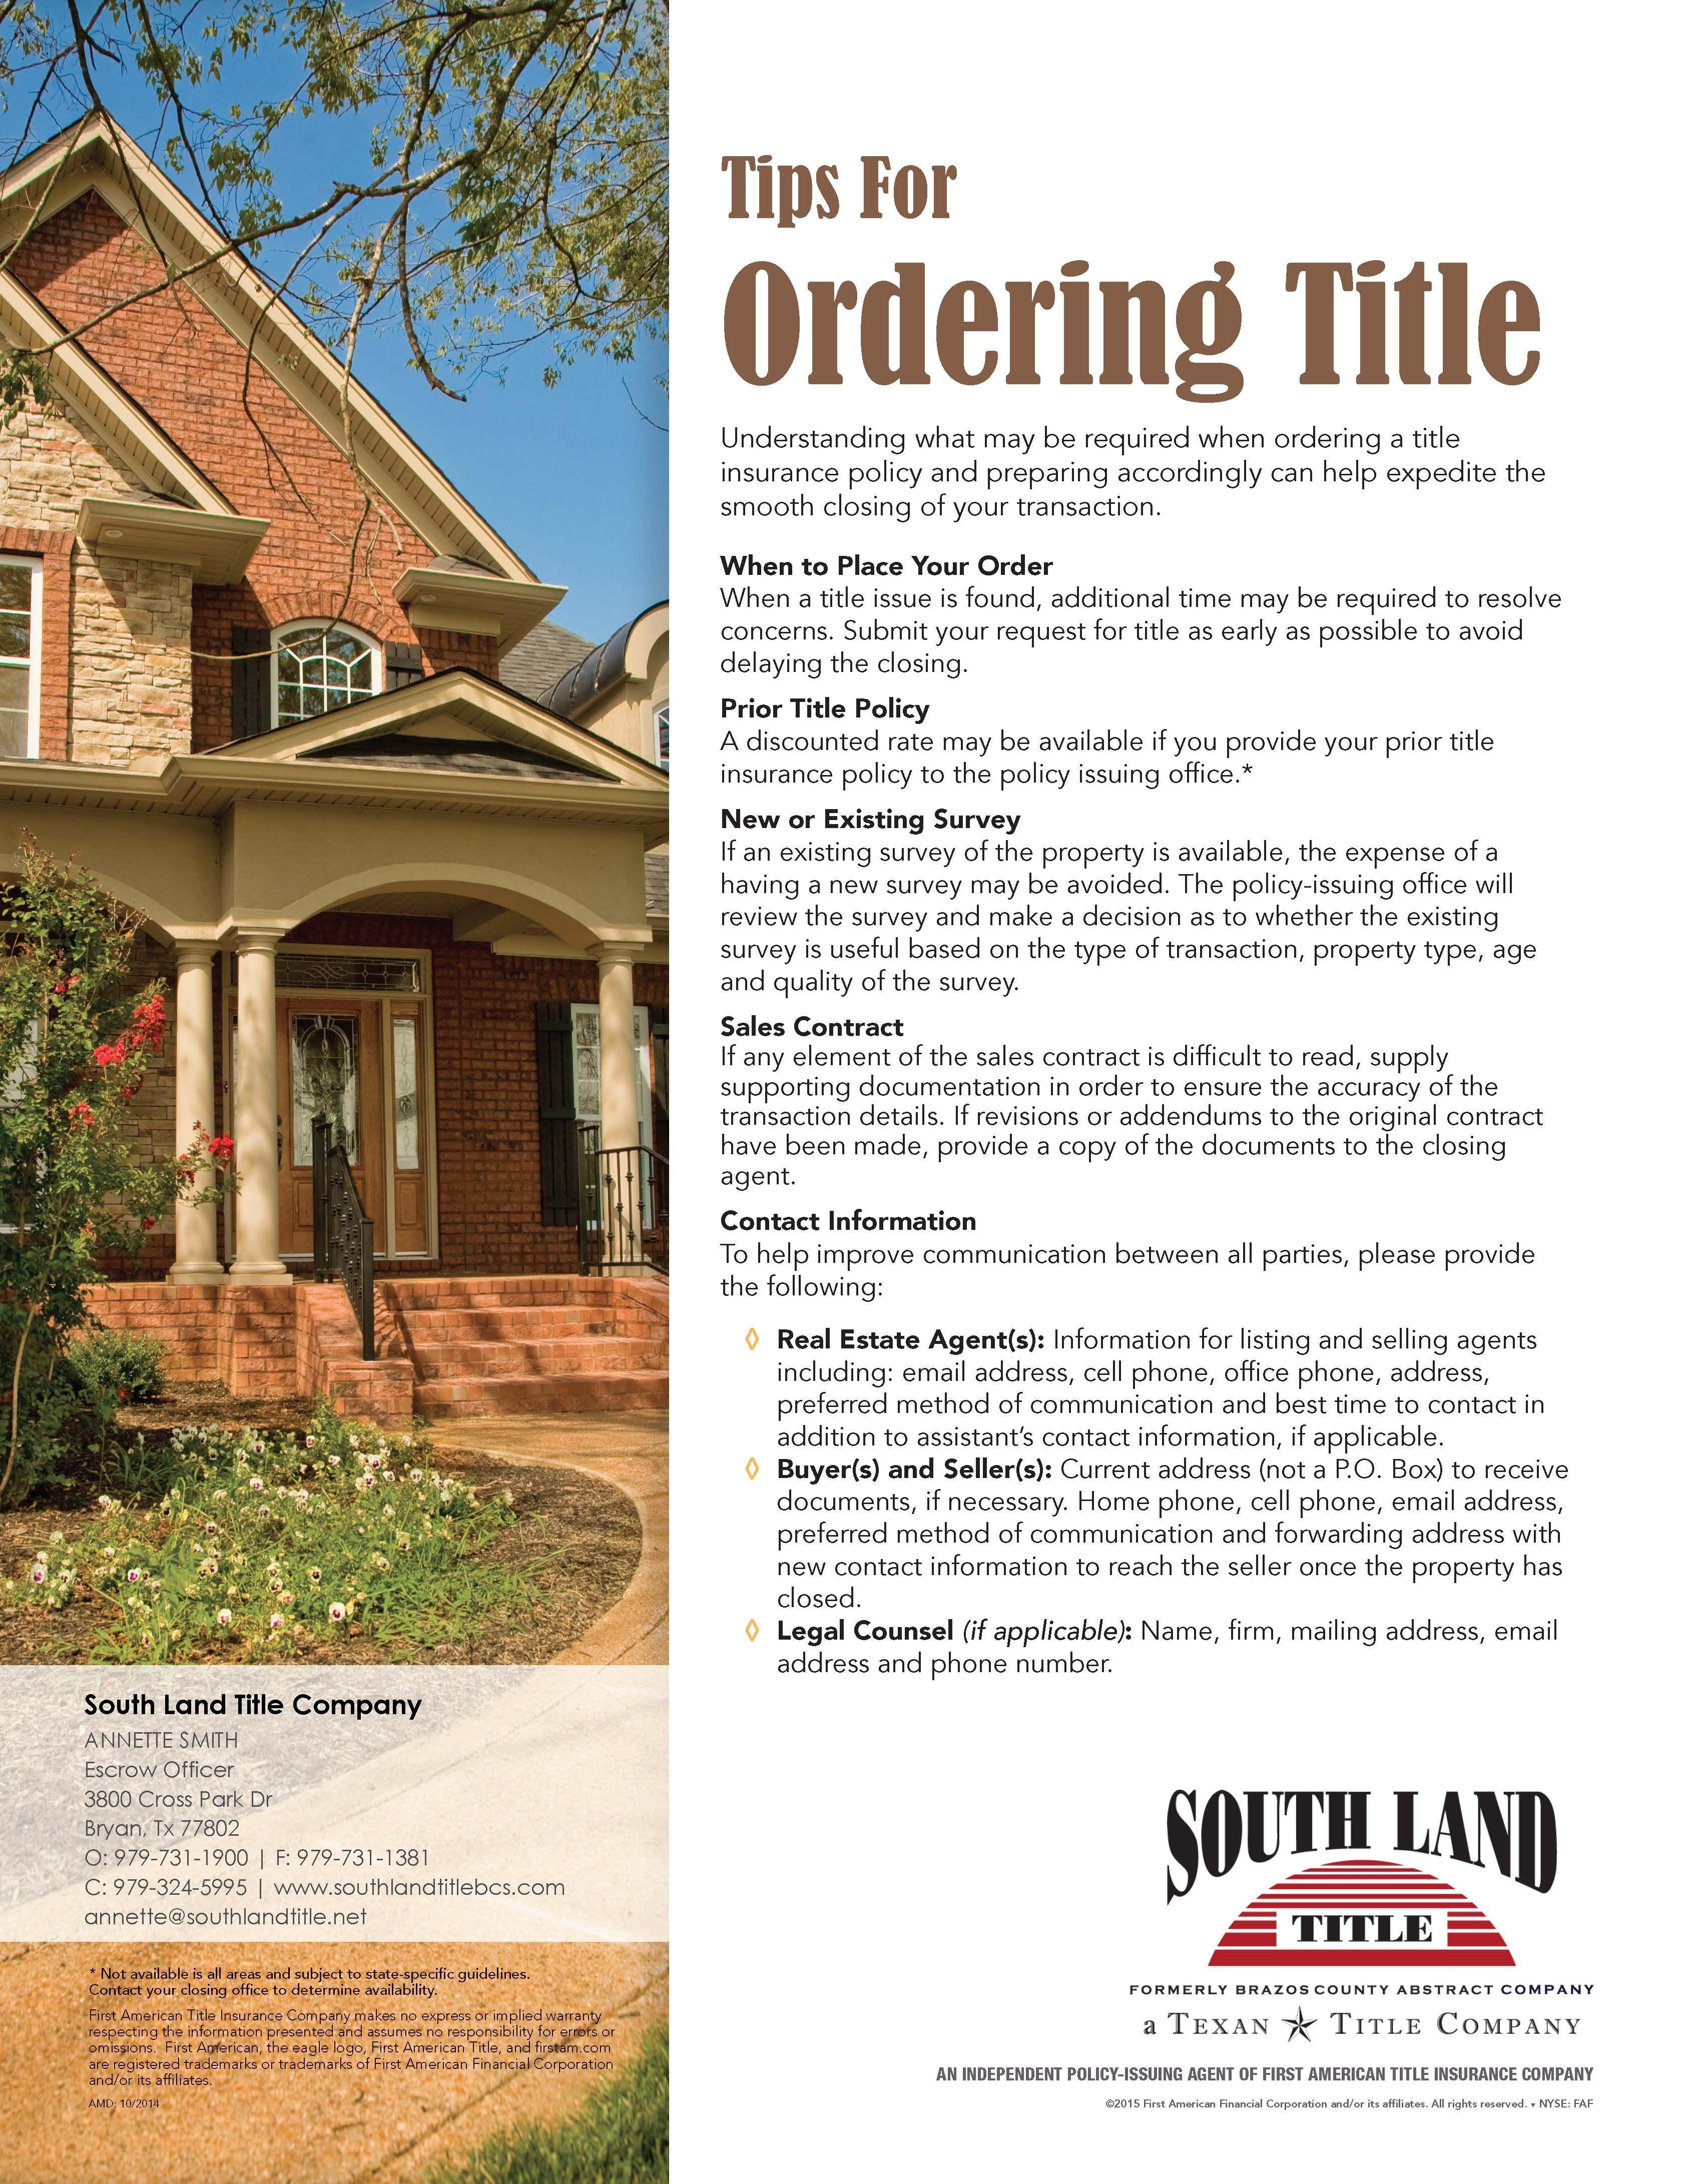 Good Information Please Visit Us At Www Southlandtitlebcs Com